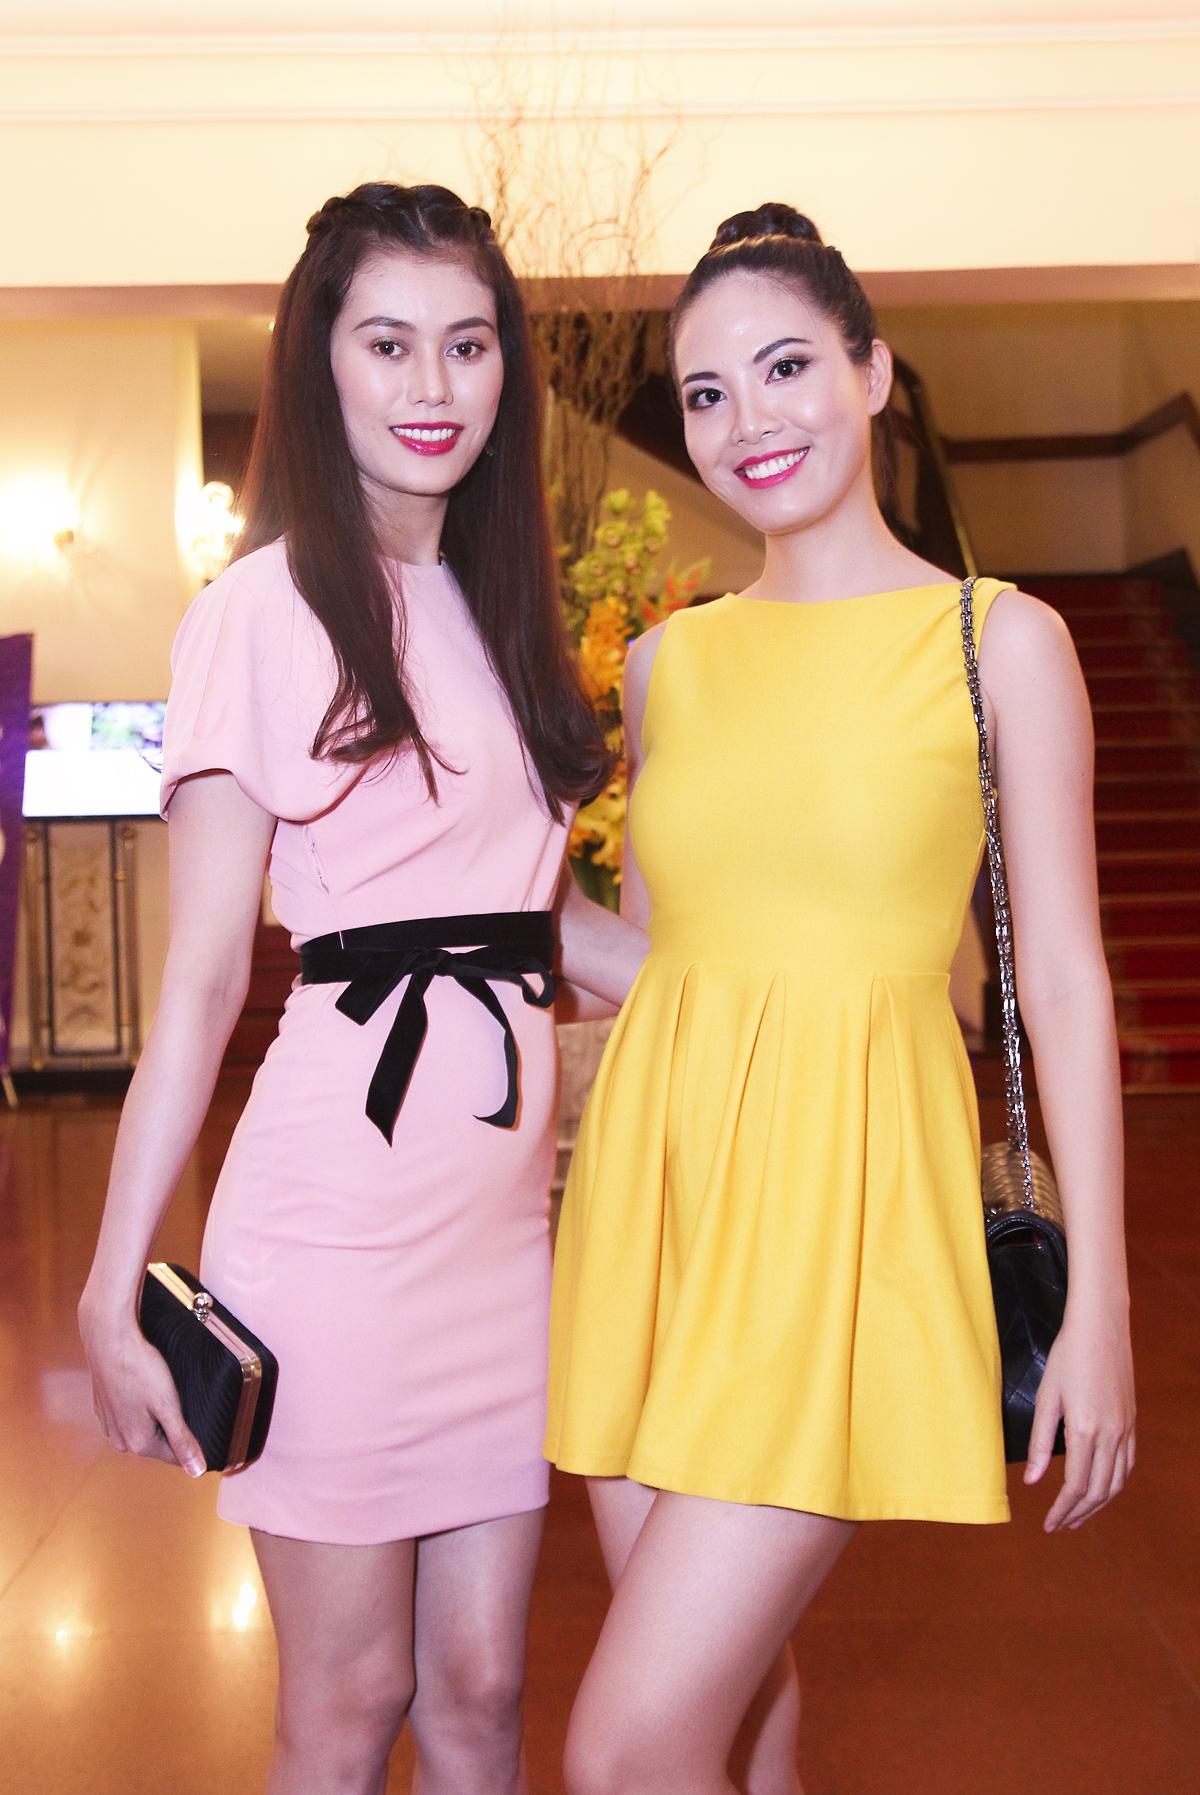 Việt Trinh, Ngân Hà trẻ trung như gái mười tám, đôi mươi - Ảnh 3